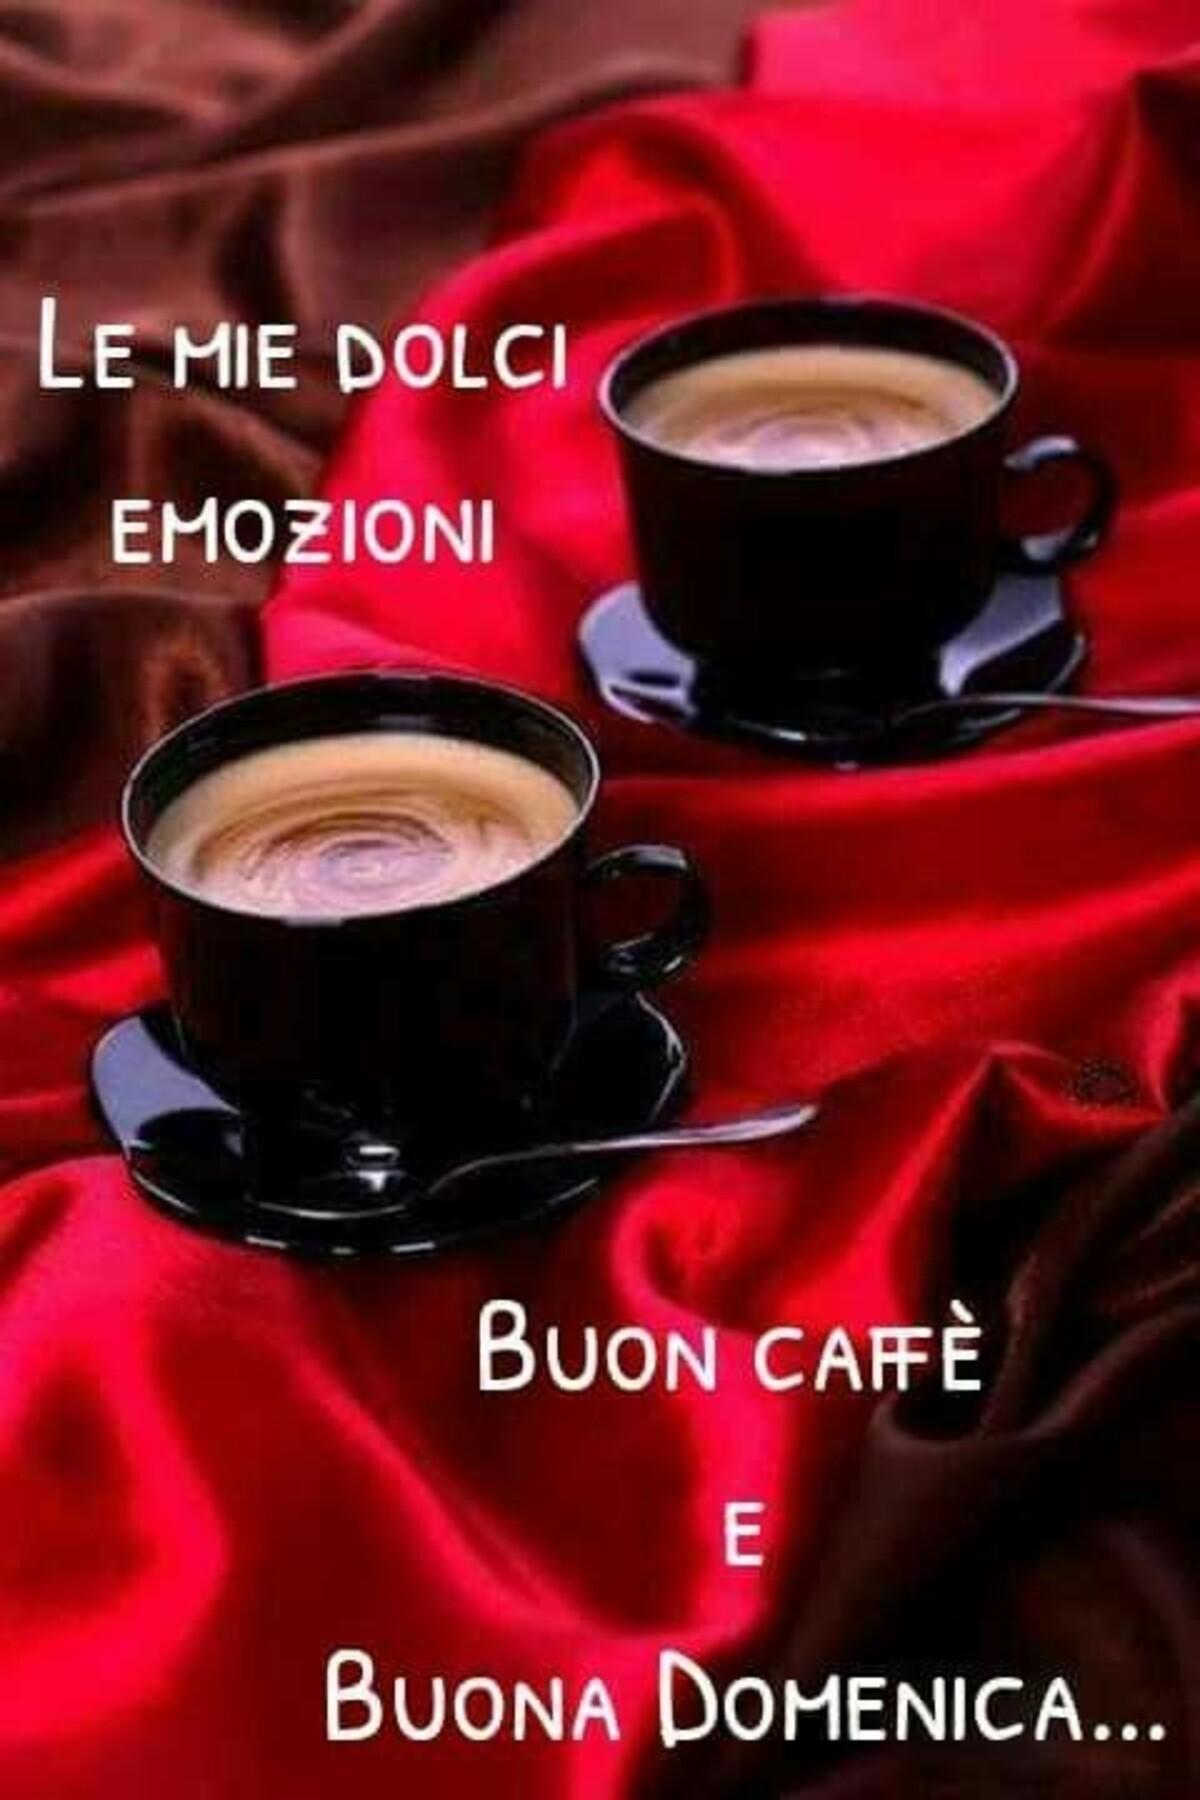 BUON CAFFE' E BUONA DOMENICA